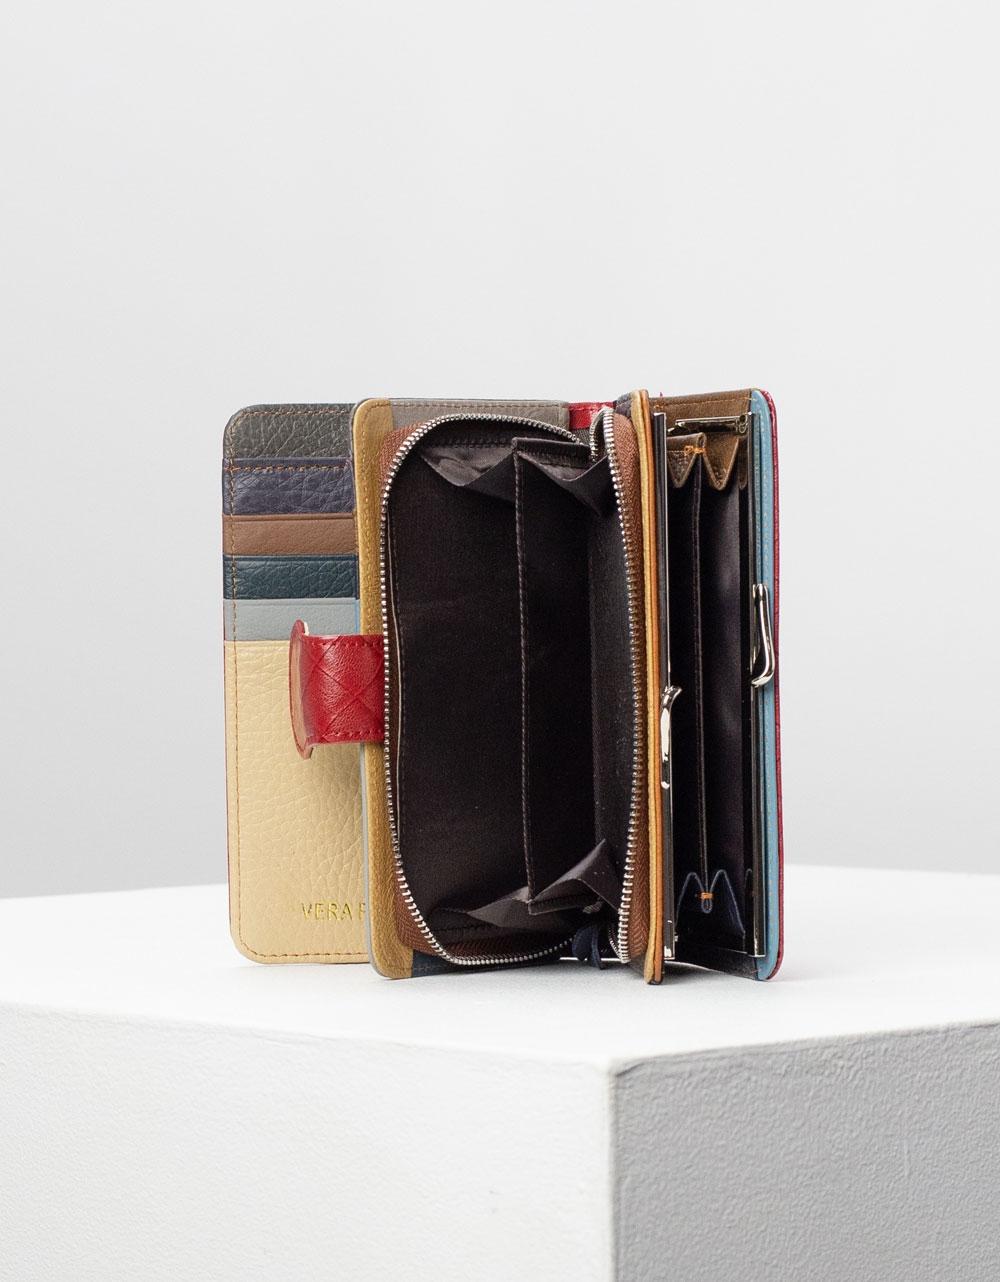 Εικόνα από Γυναικεία πορτοφόλια δερμάτινα με σχέδιο Μπορντώ